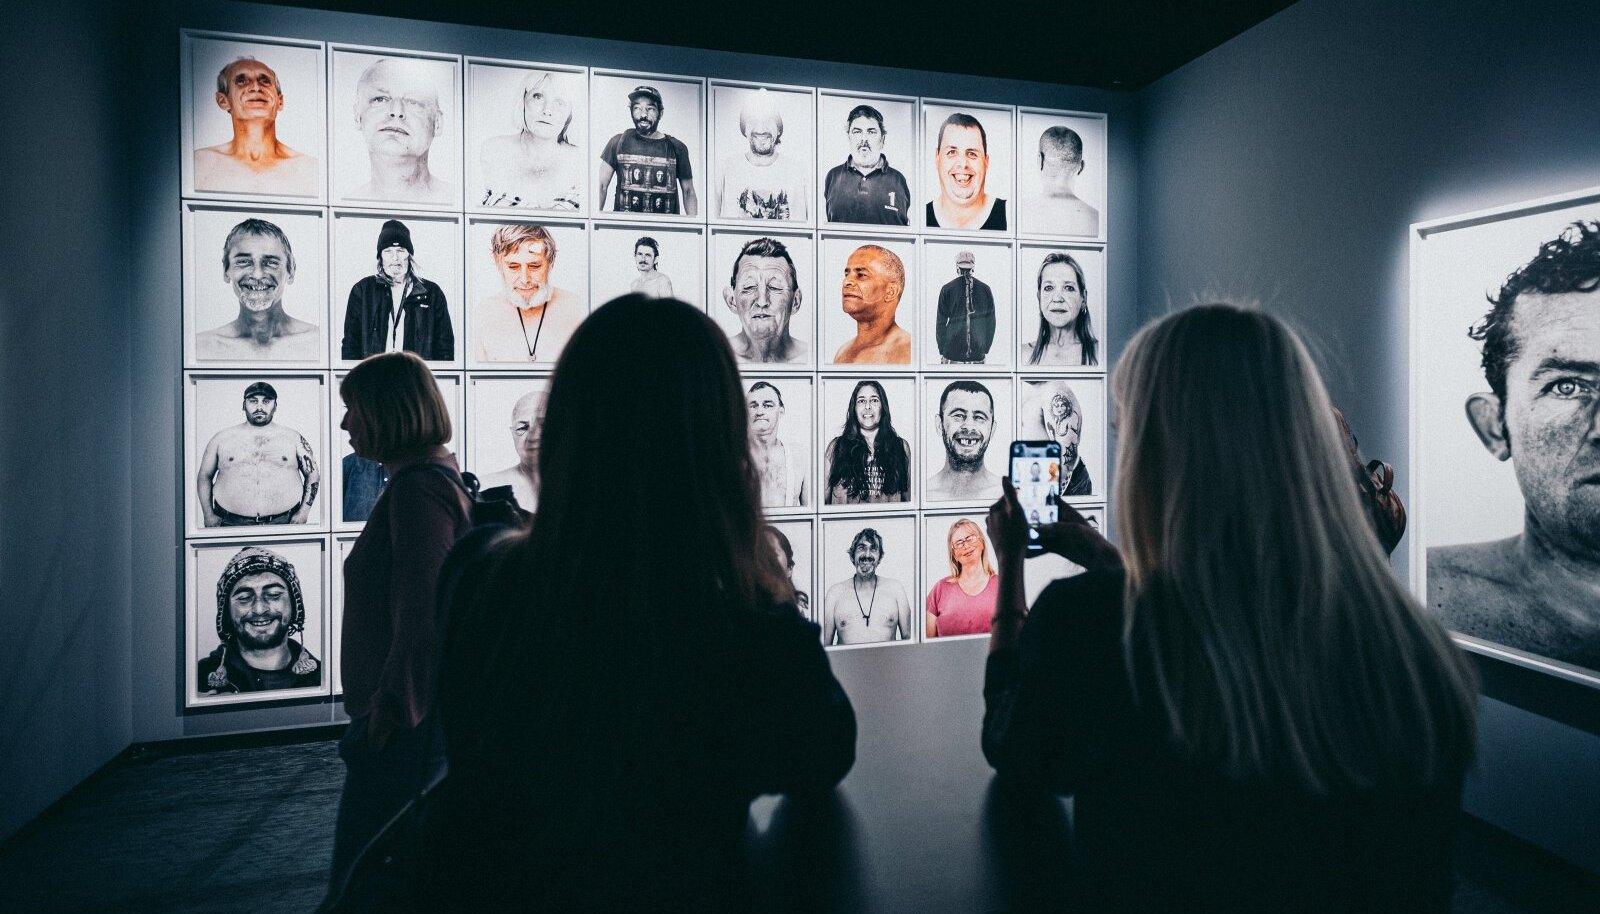 """Fotografiska keskus pikendas Bryan Adamsi fotonäituse """"Päevavalgel"""" lahtiolekuaega juunini. Näituseplaane on pidanud ümber tegema enamik muuseume ja galeriisid."""